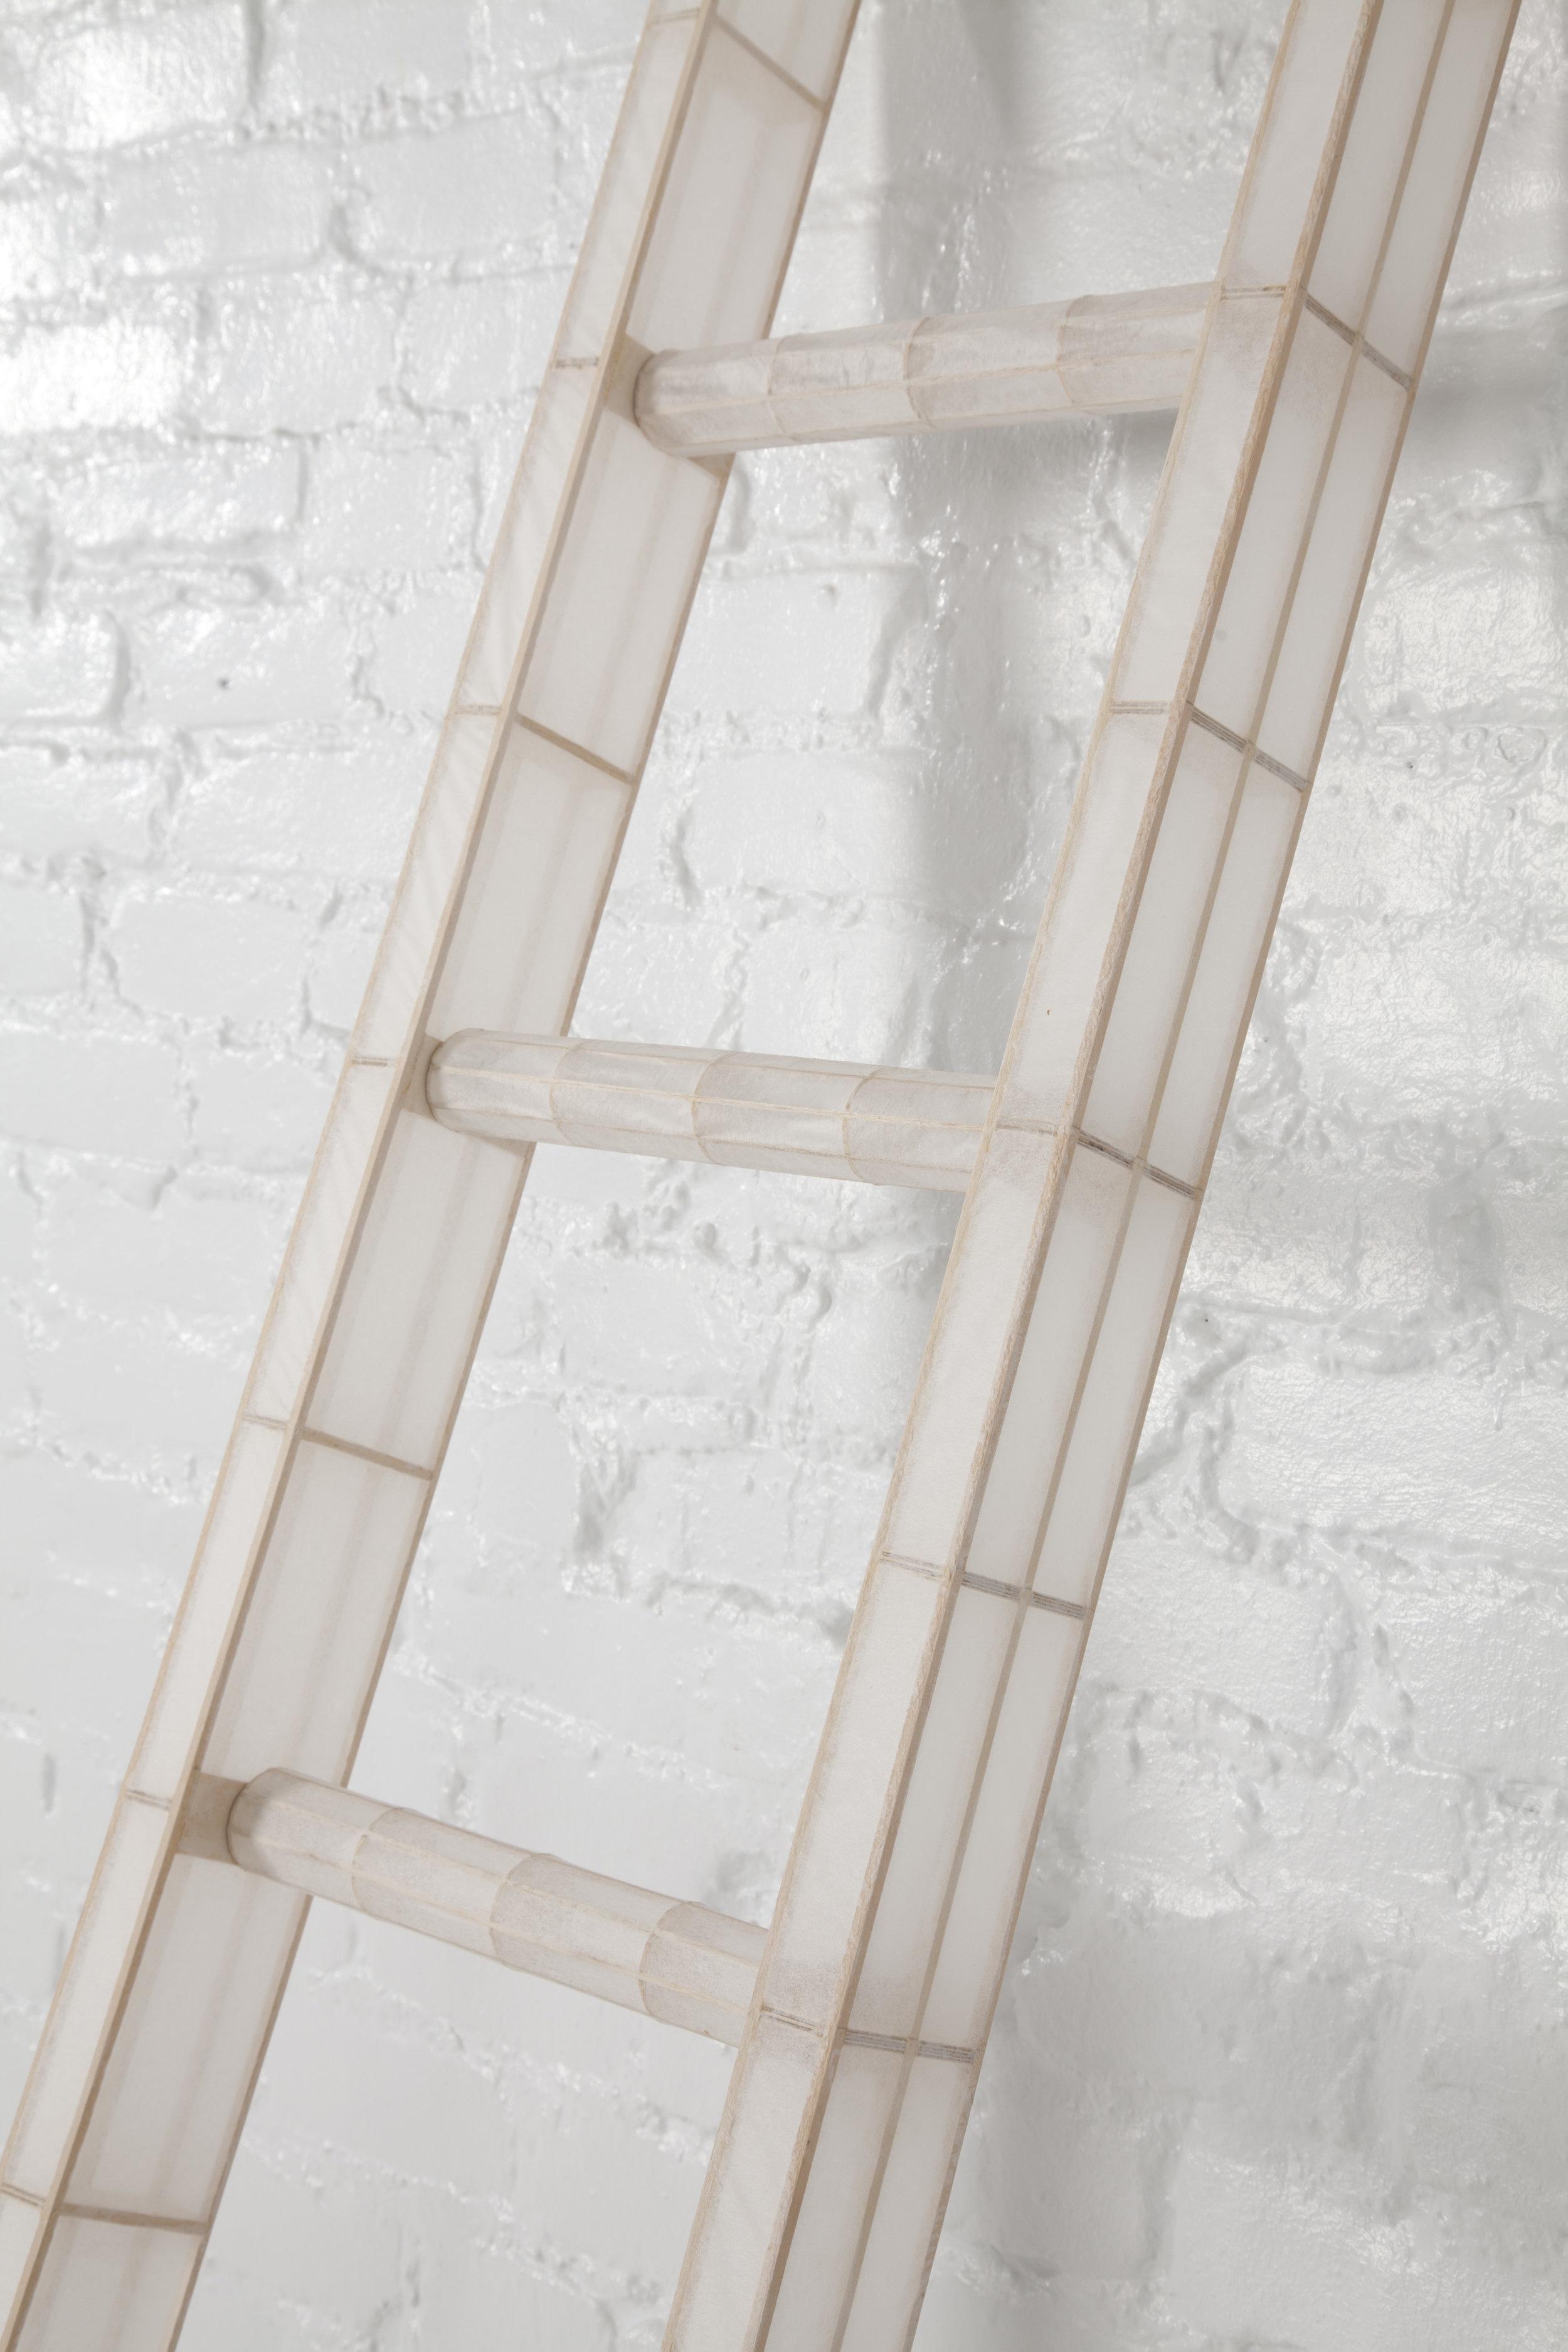 Ladder_final5.jpg